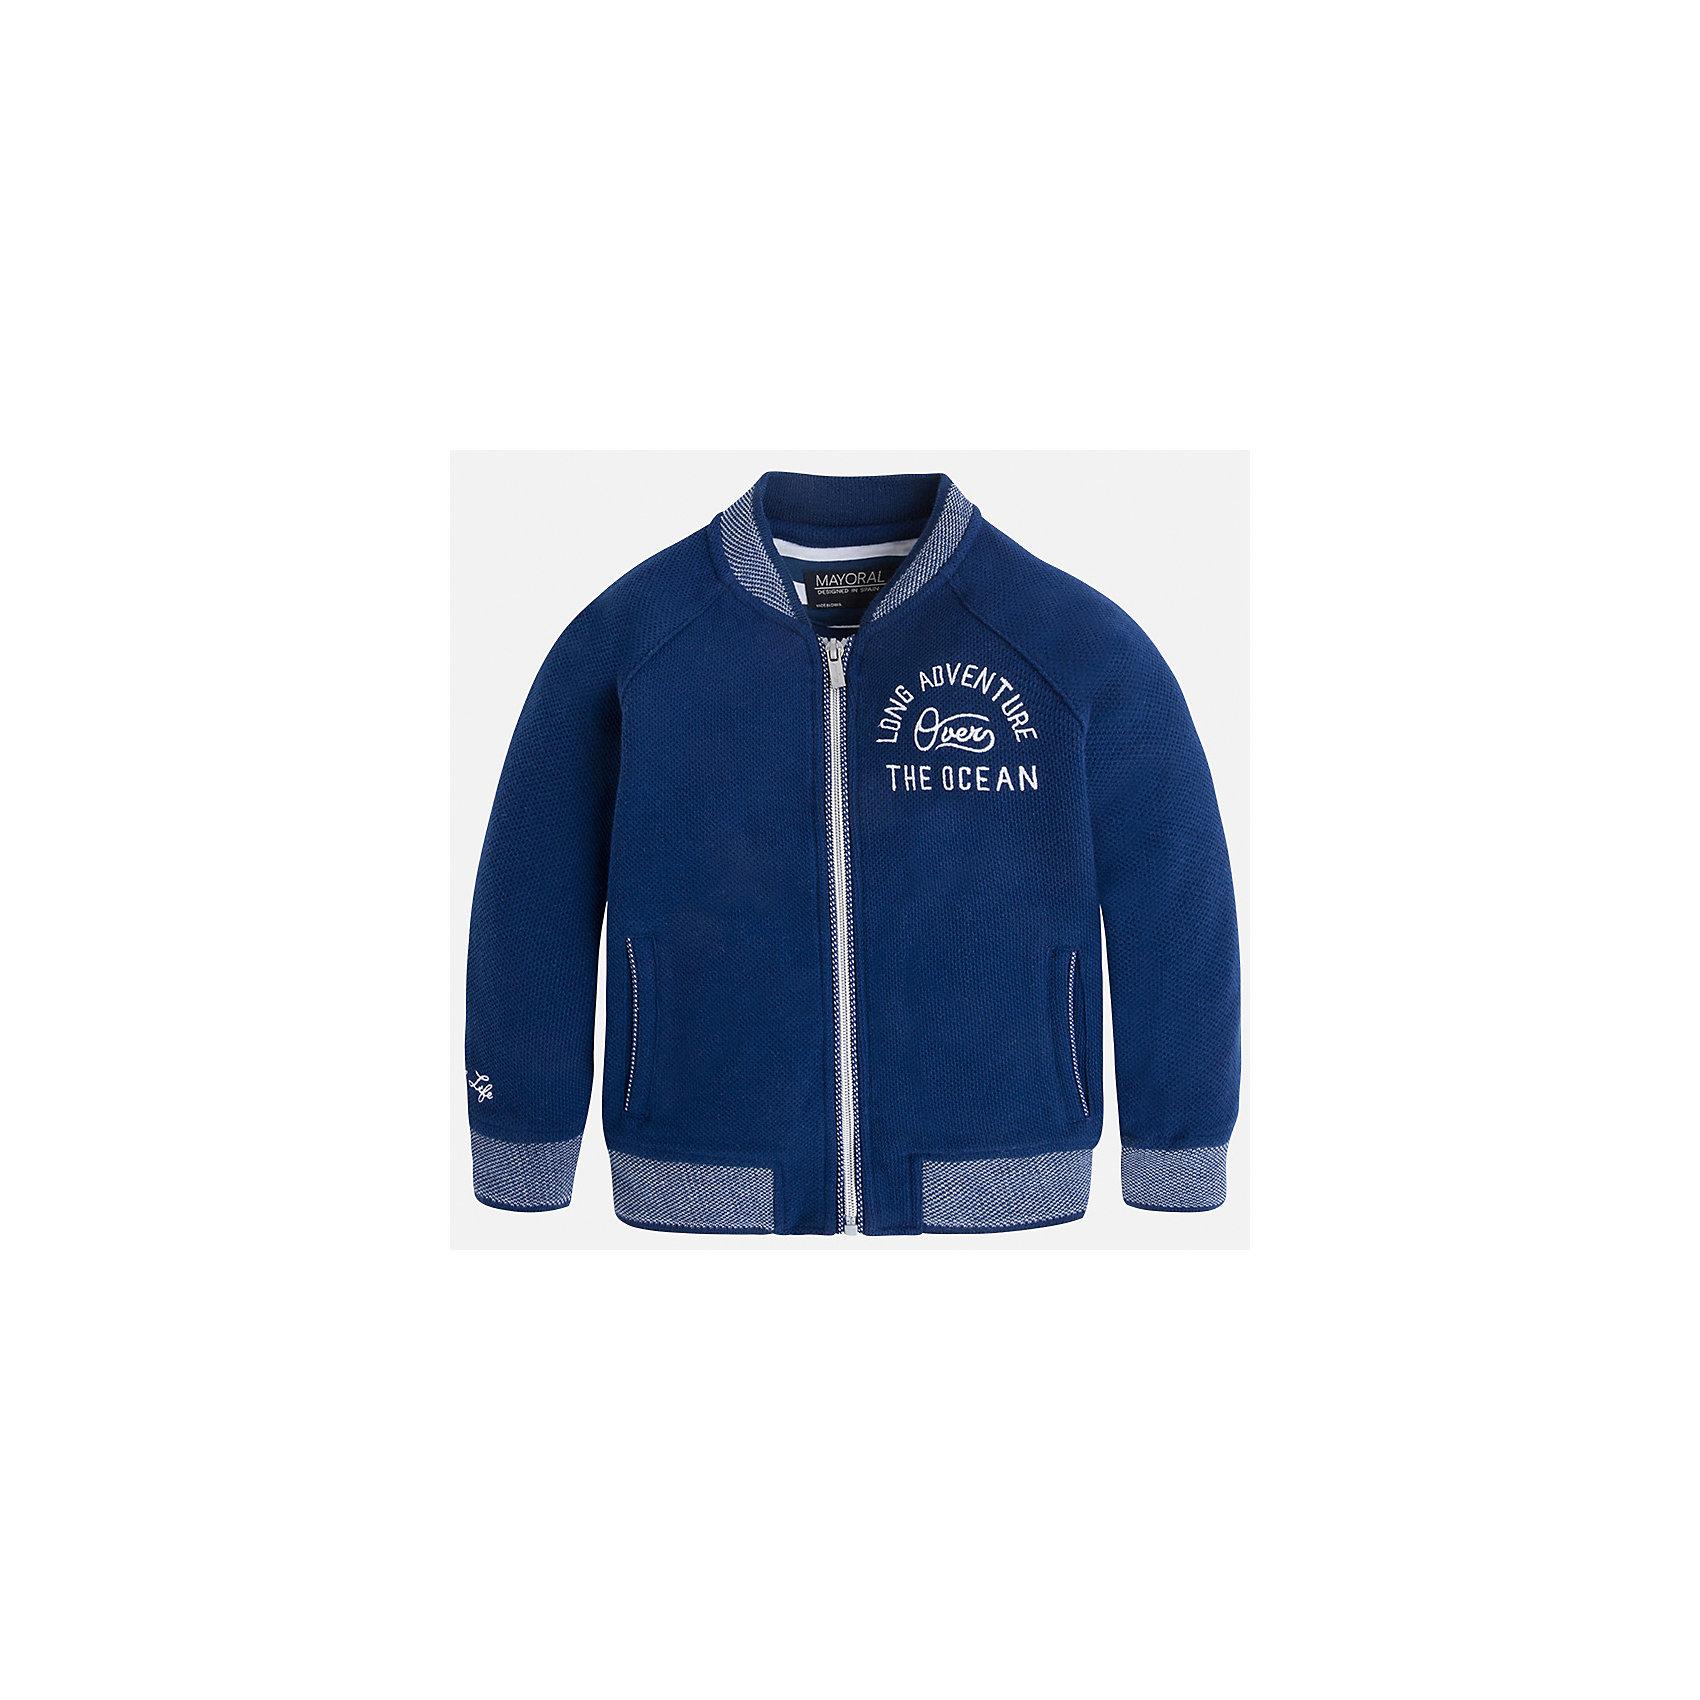 Толстовка для мальчика MayoralТолстовки<br>Характеристики товара:<br><br>• цвет: синий<br>• состав: 60% хлопок, 40% полиэстер<br>• температурный режим: от +20°до +10°С<br>• рукава длинные <br>• карманы<br>• пуговицы <br>• вышивка<br>• страна бренда: Испания<br><br>Теплая одежда может быть очень стильной! Удобная и красивая куртка для мальчика поможет разнообразить гардероб ребенка и обеспечить комфорт. Она отлично сочетается и с джинсами, и с брюками. Универсальный цвет позволяет подобрать к вещи низ различных расцветок. Интересная отделка модели делает её нарядной и оригинальной. В составе материала - натуральный хлопок, гипоаллергенный, приятный на ощупь, дышащий.<br><br>Одежда, обувь и аксессуары от испанского бренда Mayoral полюбились детям и взрослым по всему миру. Модели этой марки - стильные и удобные. Для их производства используются только безопасные, качественные материалы и фурнитура. Порадуйте ребенка модными и красивыми вещами от Mayoral! <br><br>Куртку для мальчика от испанского бренда Mayoral (Майорал) можно купить в нашем интернет-магазине.<br><br>Ширина мм: 356<br>Глубина мм: 10<br>Высота мм: 245<br>Вес г: 519<br>Цвет: черный<br>Возраст от месяцев: 36<br>Возраст до месяцев: 48<br>Пол: Мужской<br>Возраст: Детский<br>Размер: 134,128,122,116,110,98,92,104<br>SKU: 5280531